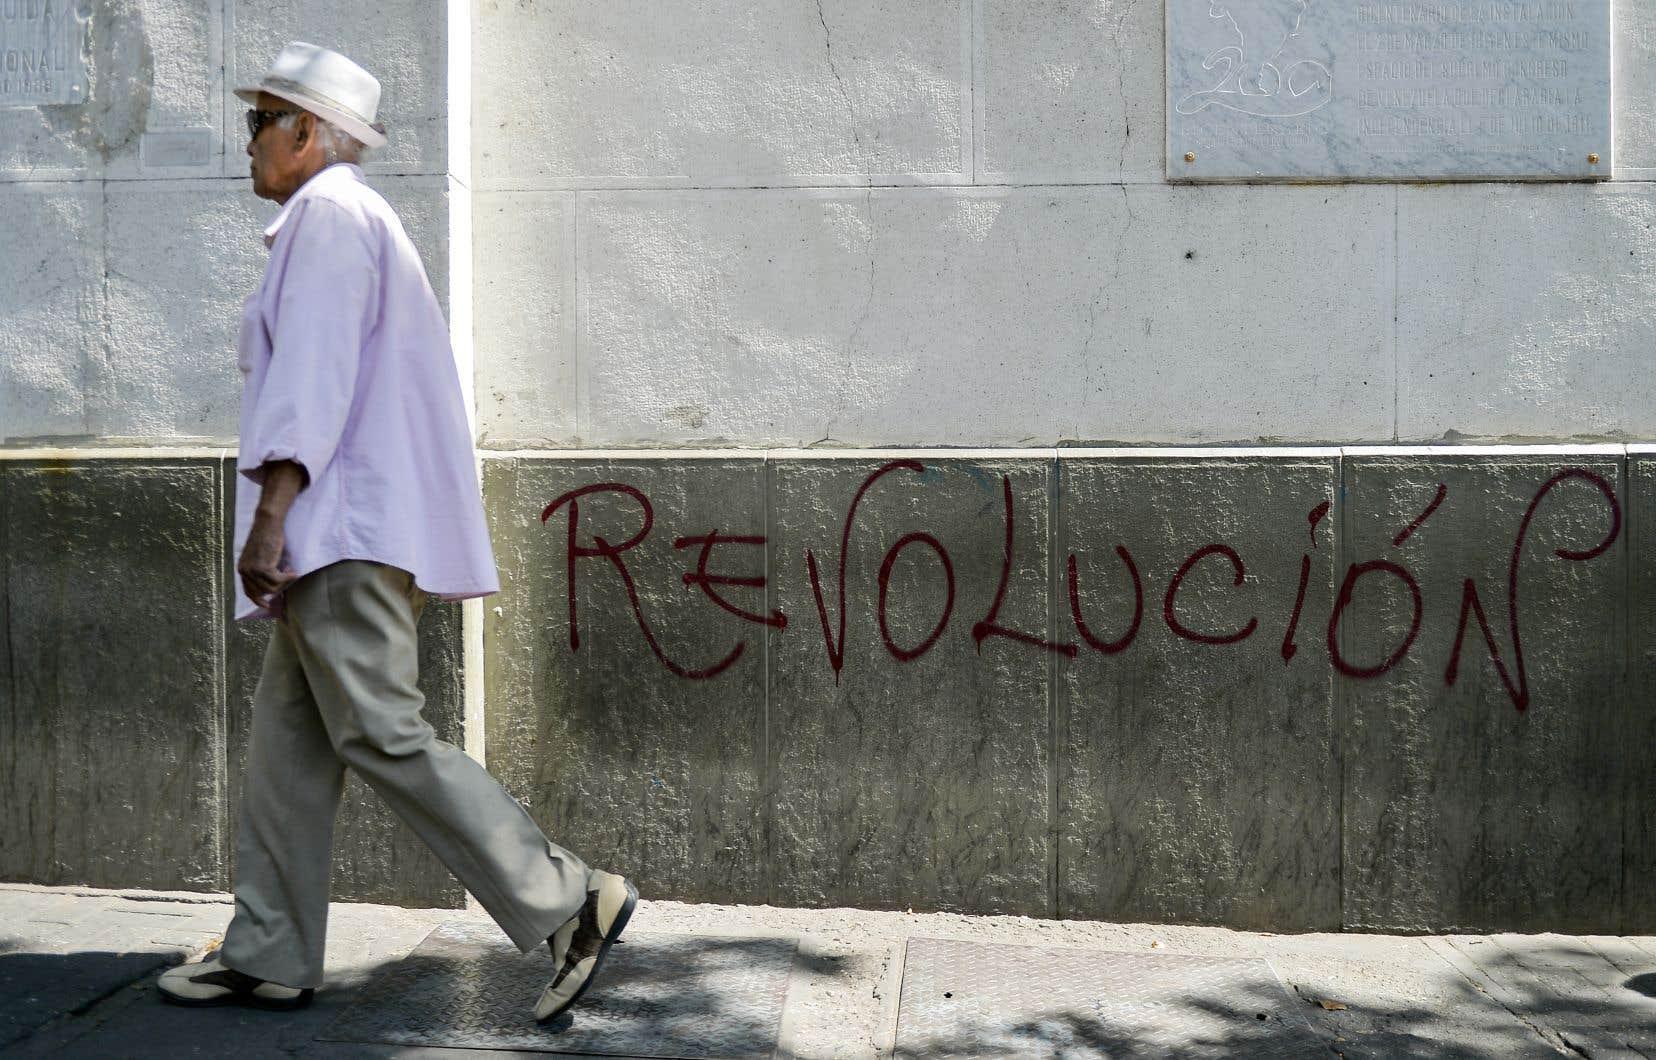 Le Venezuela, pays pétrolier ruiné après avoir été le plus riche d'Amérique latine, est actuellement au centre de l'échiquier diplomatique international.